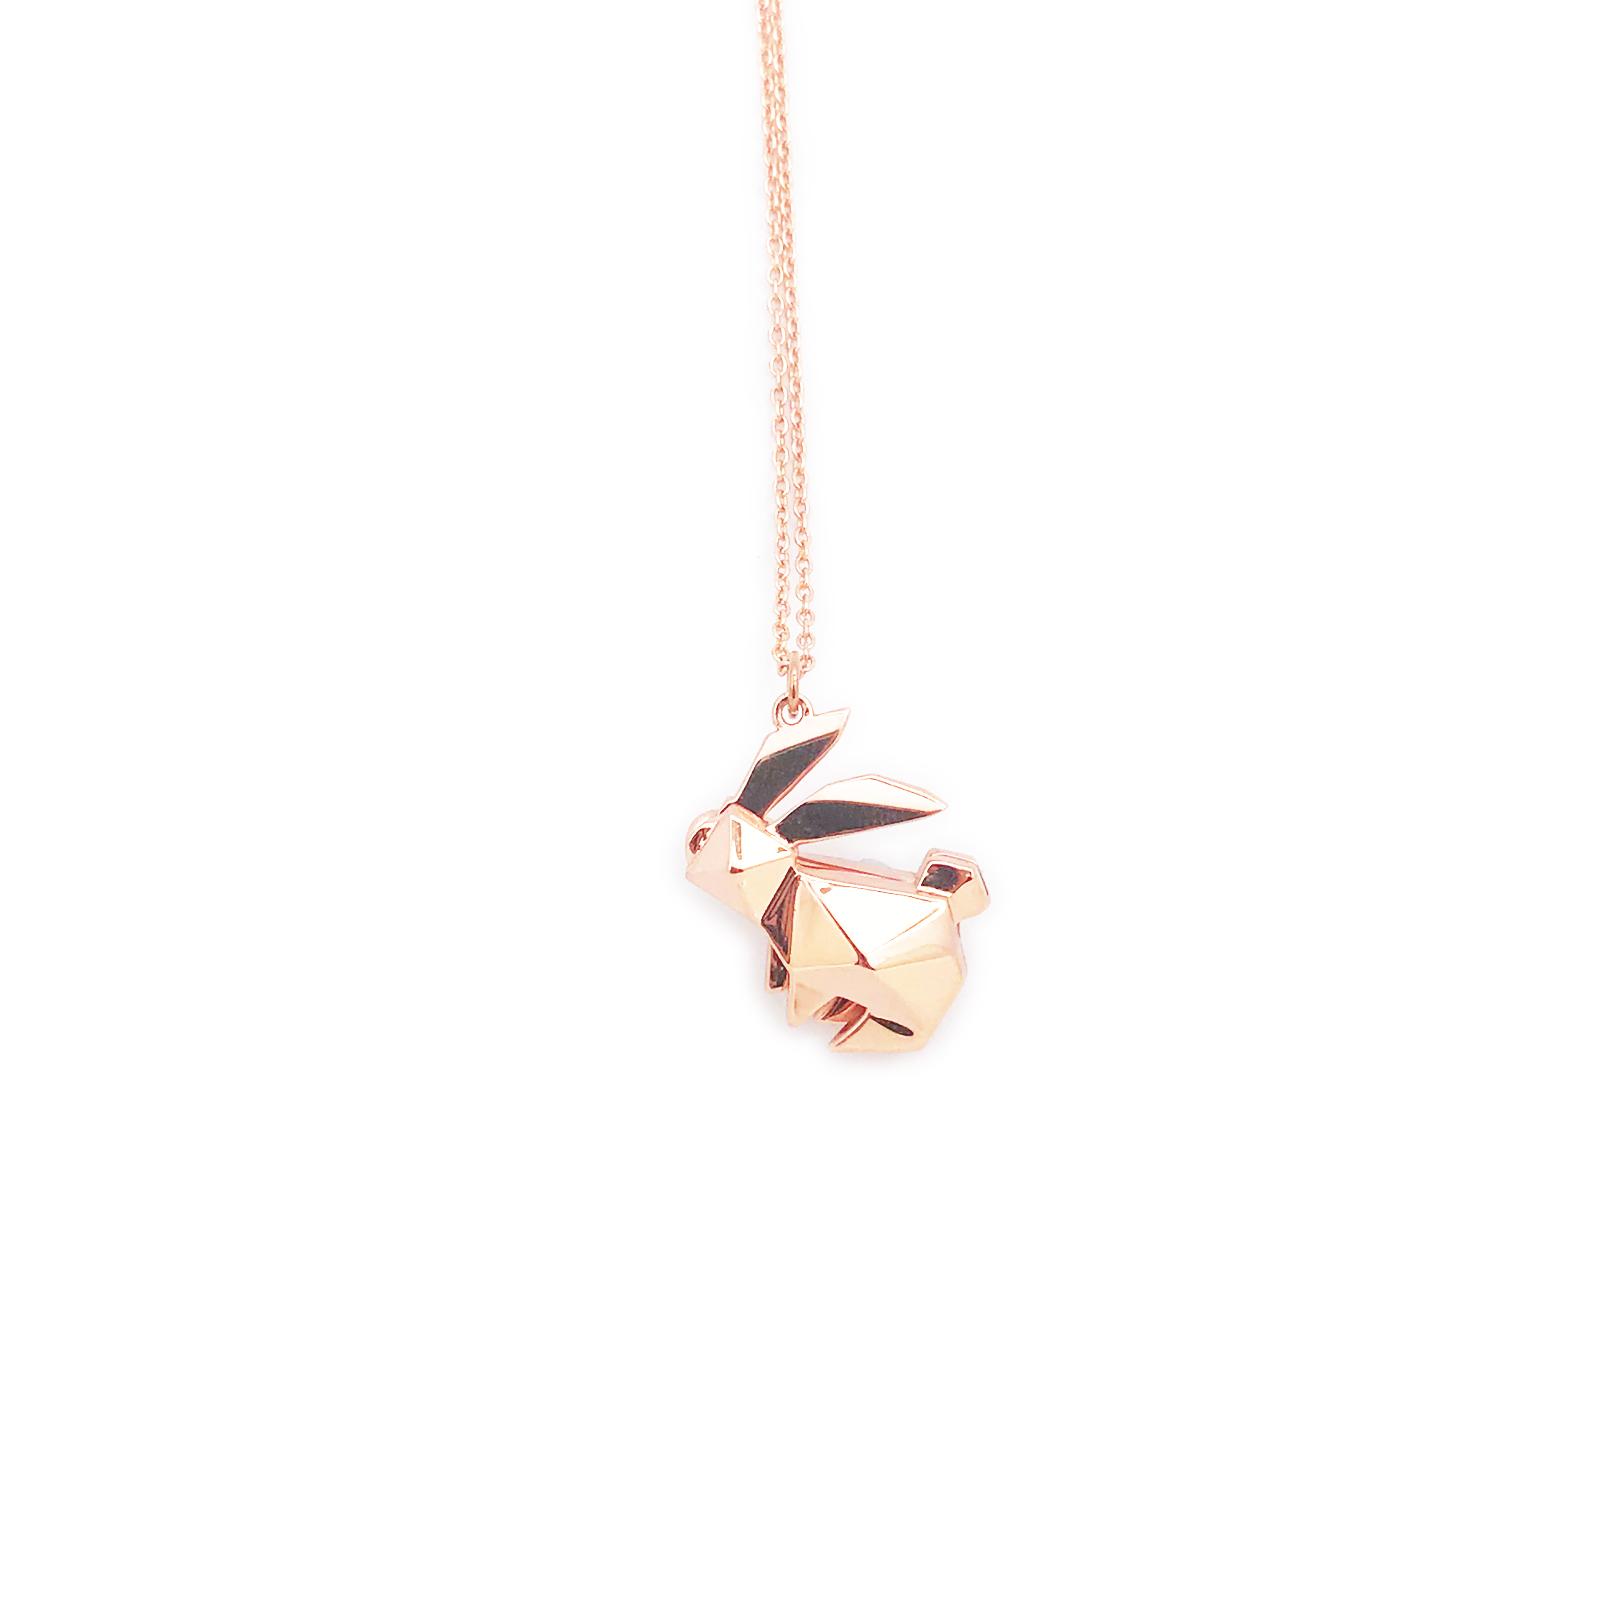 Dearest 香港原创设计香薰饰物 小兔子香薰项链 吊咀是小盒子 可打开放入沾有香薰精油的棉花球